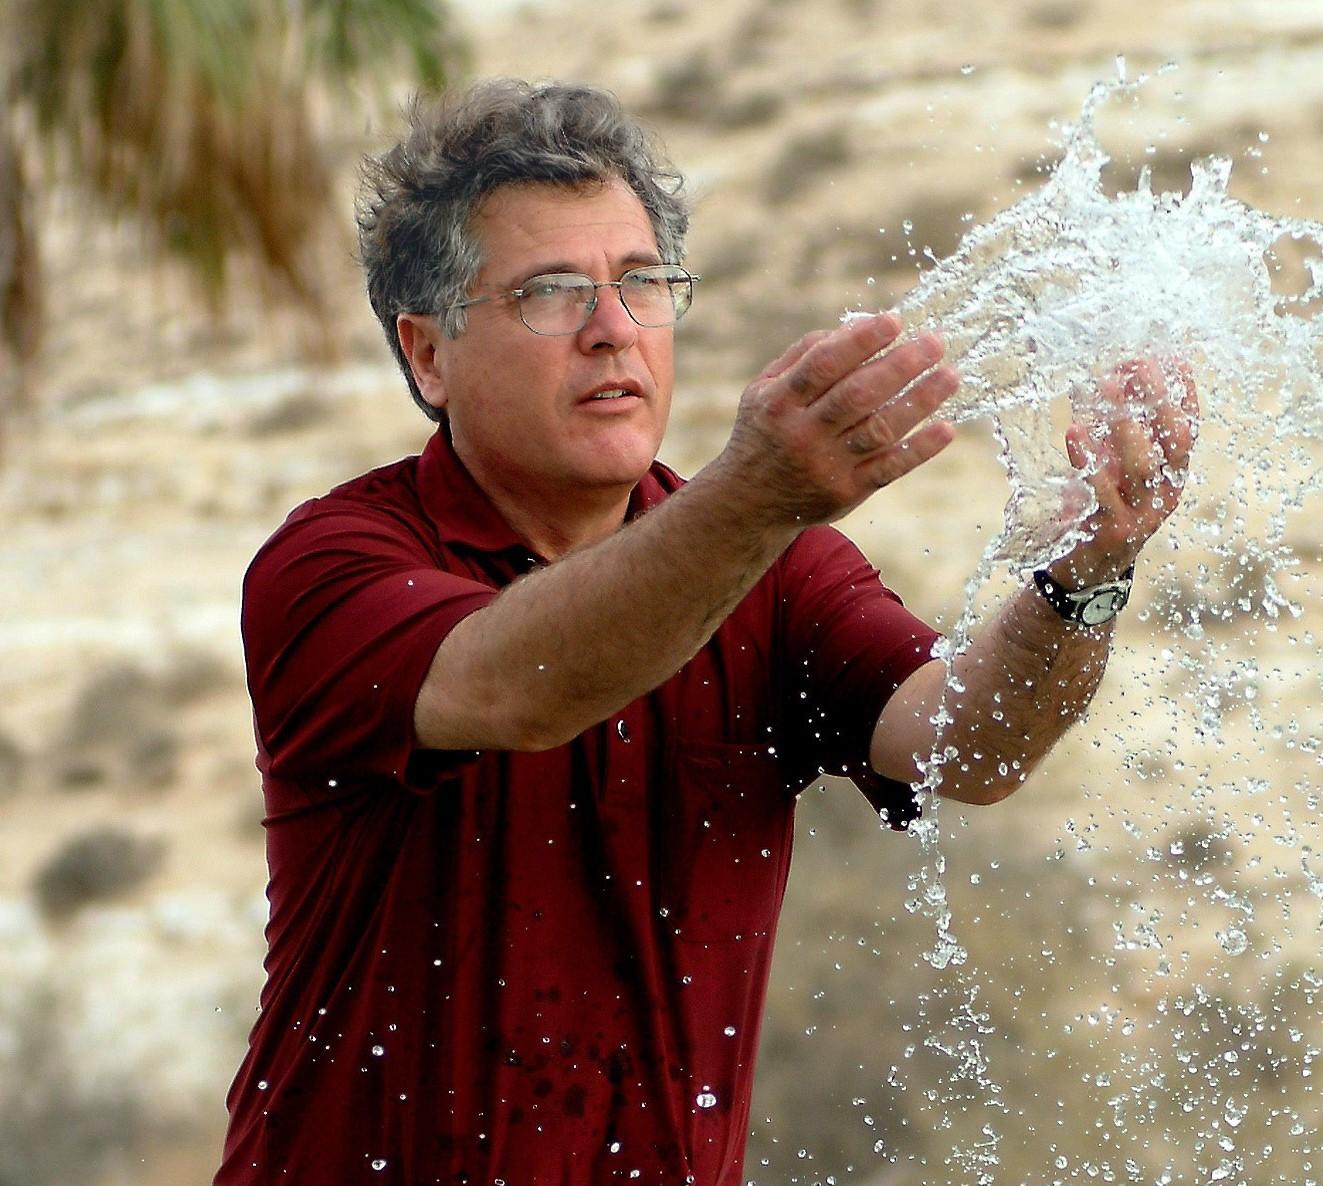 Experto israelí compartirá experiencia para enfrentar la escasez de agua en sector agrícola